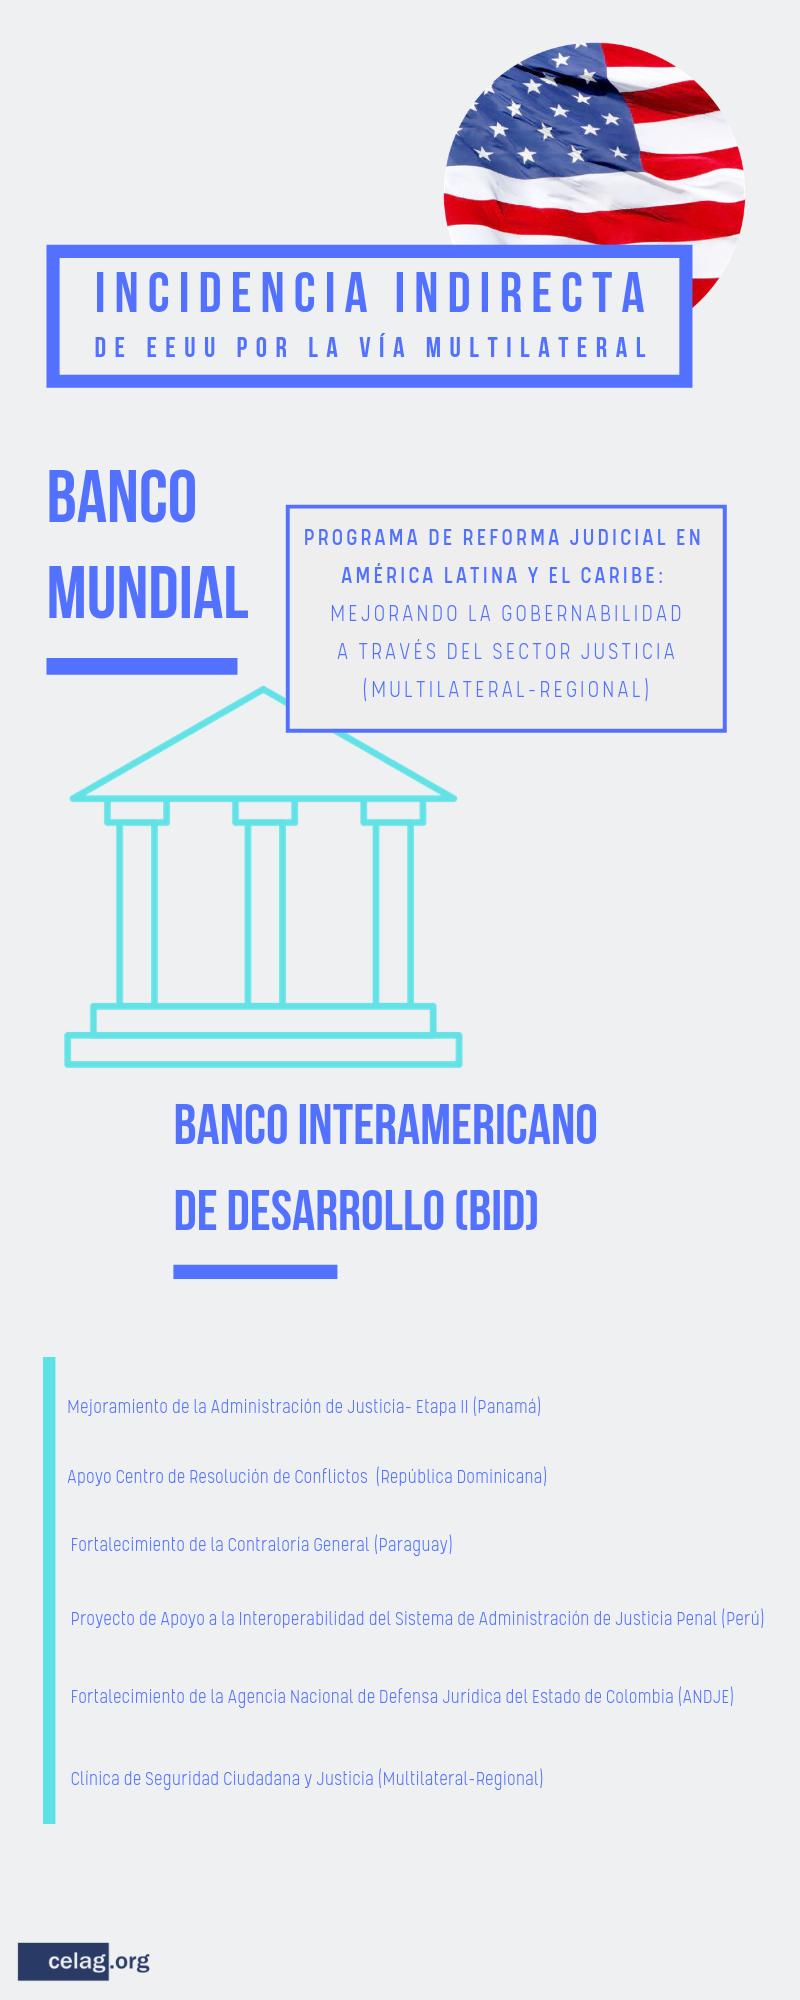 Incidencia indirecta de EE. UU. en los aparatos judiciales de América Latina